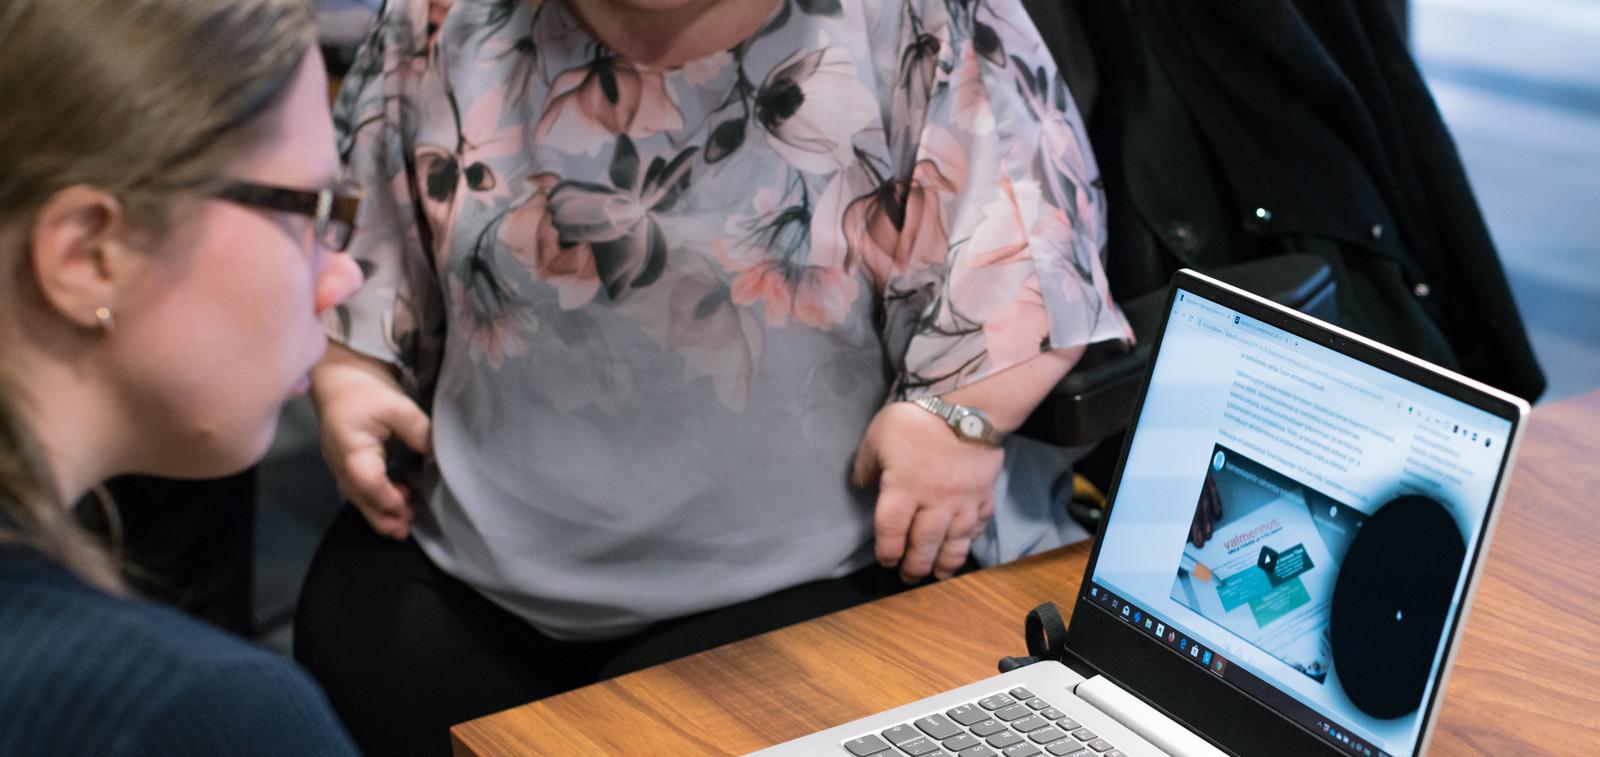 Elina Jokisuu från Avaava Digital presenterar en simulering av webbläsaren Chrome till Aino Koivisto vid räddningsverket.